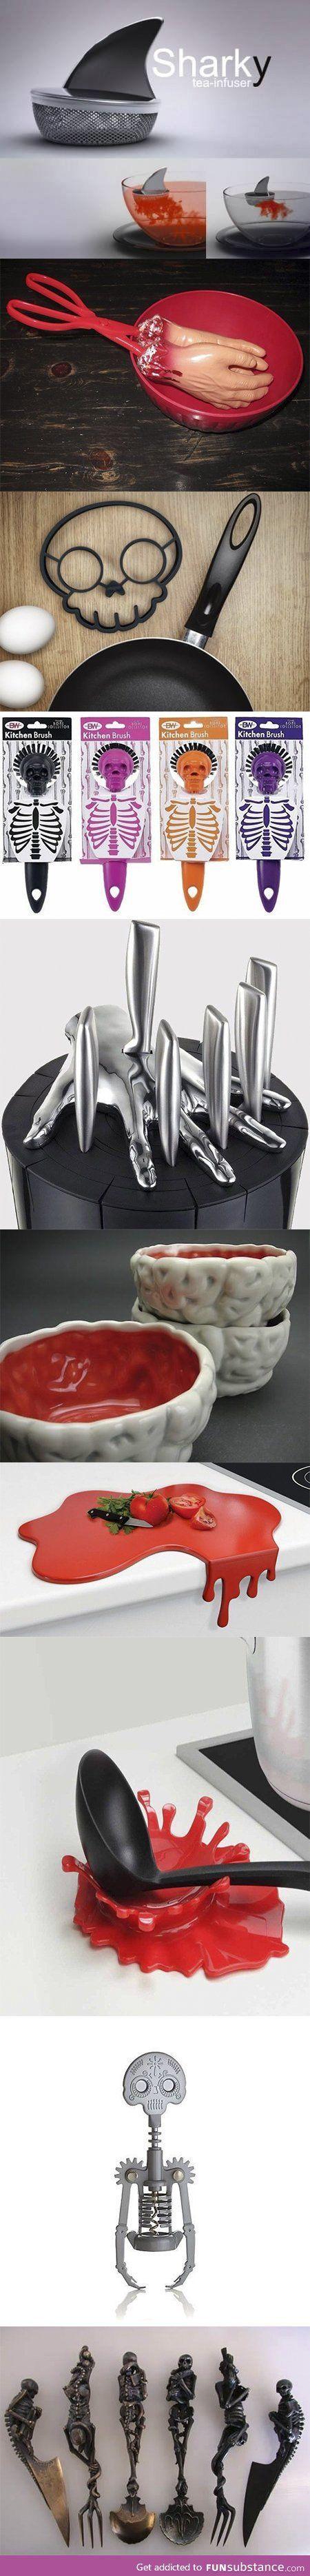 Cuantos accesorios de cocina hay raros ?!?!?!?